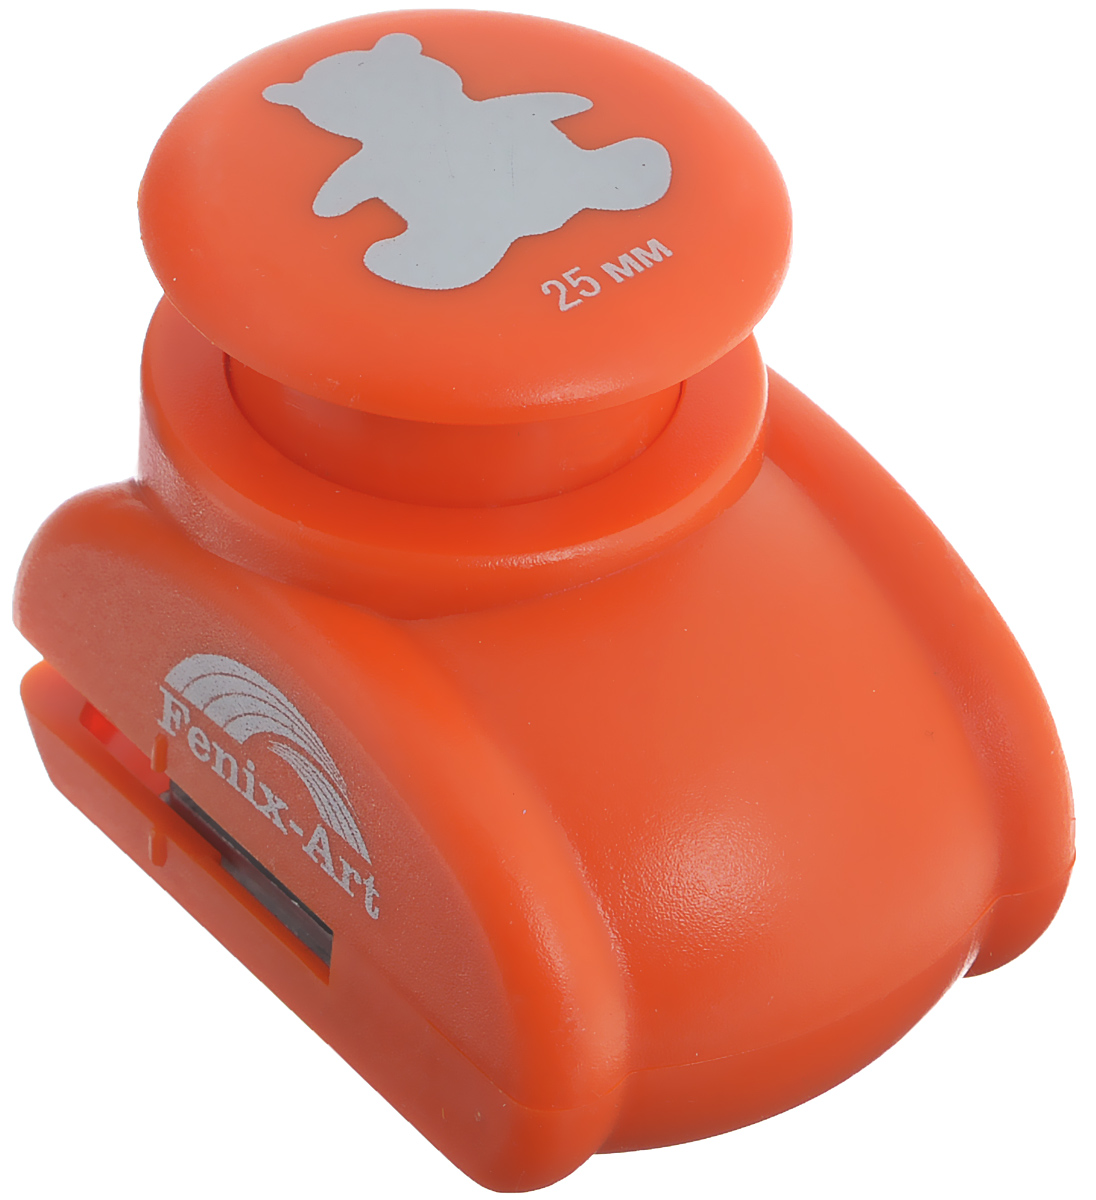 Дырокол фигурный Феникс+ Медвежонок, цвет: оранжевый37199Дырокол фигурный Феникс+ Медвежонок поможет вам легко, просто и аккуратно вырезать много одинаковых мелких фигурок. Режущие части компостера закрыты пластмассовым корпусом, что обеспечивает безопасность для детей. Можно использовать вырезанные мотивы как конфетти или для наклеивания.Дырокол подходит для разных техник: декупажа, скрапбукинга, декорирования.Размер дырокола: 6,25 см х 4,4 см х 4,9 см.Размер готовой фигурки: 2,5 см.